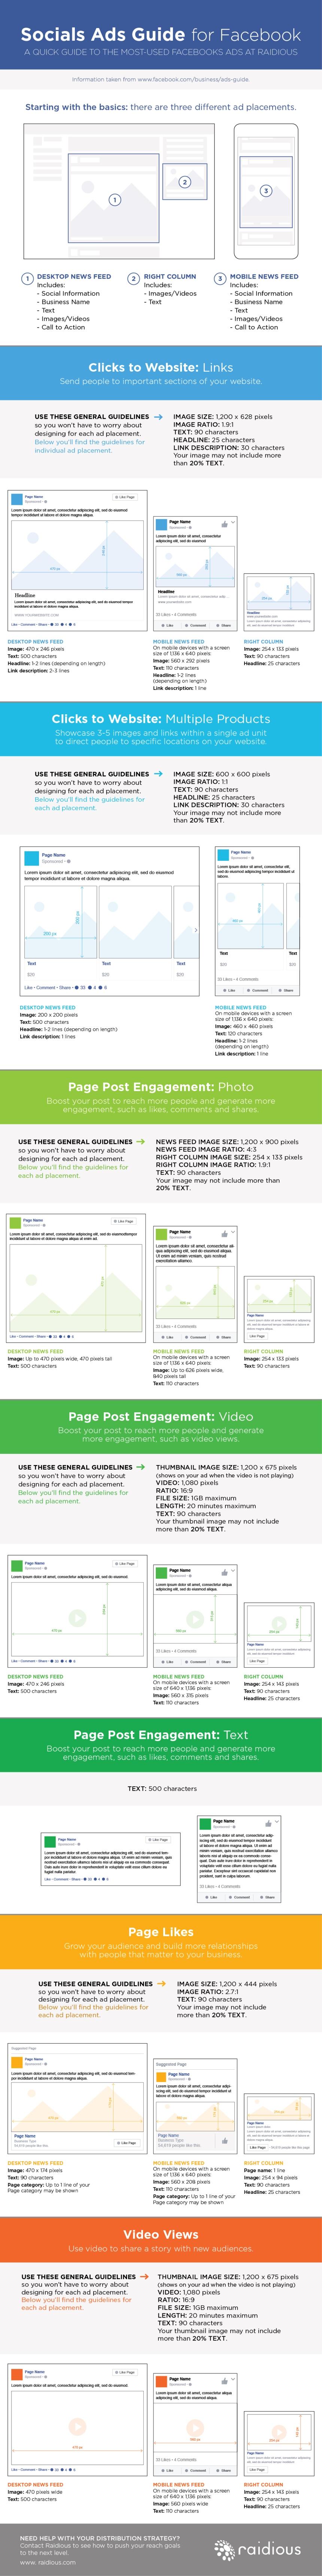 Guía de publicidad para FaceBook